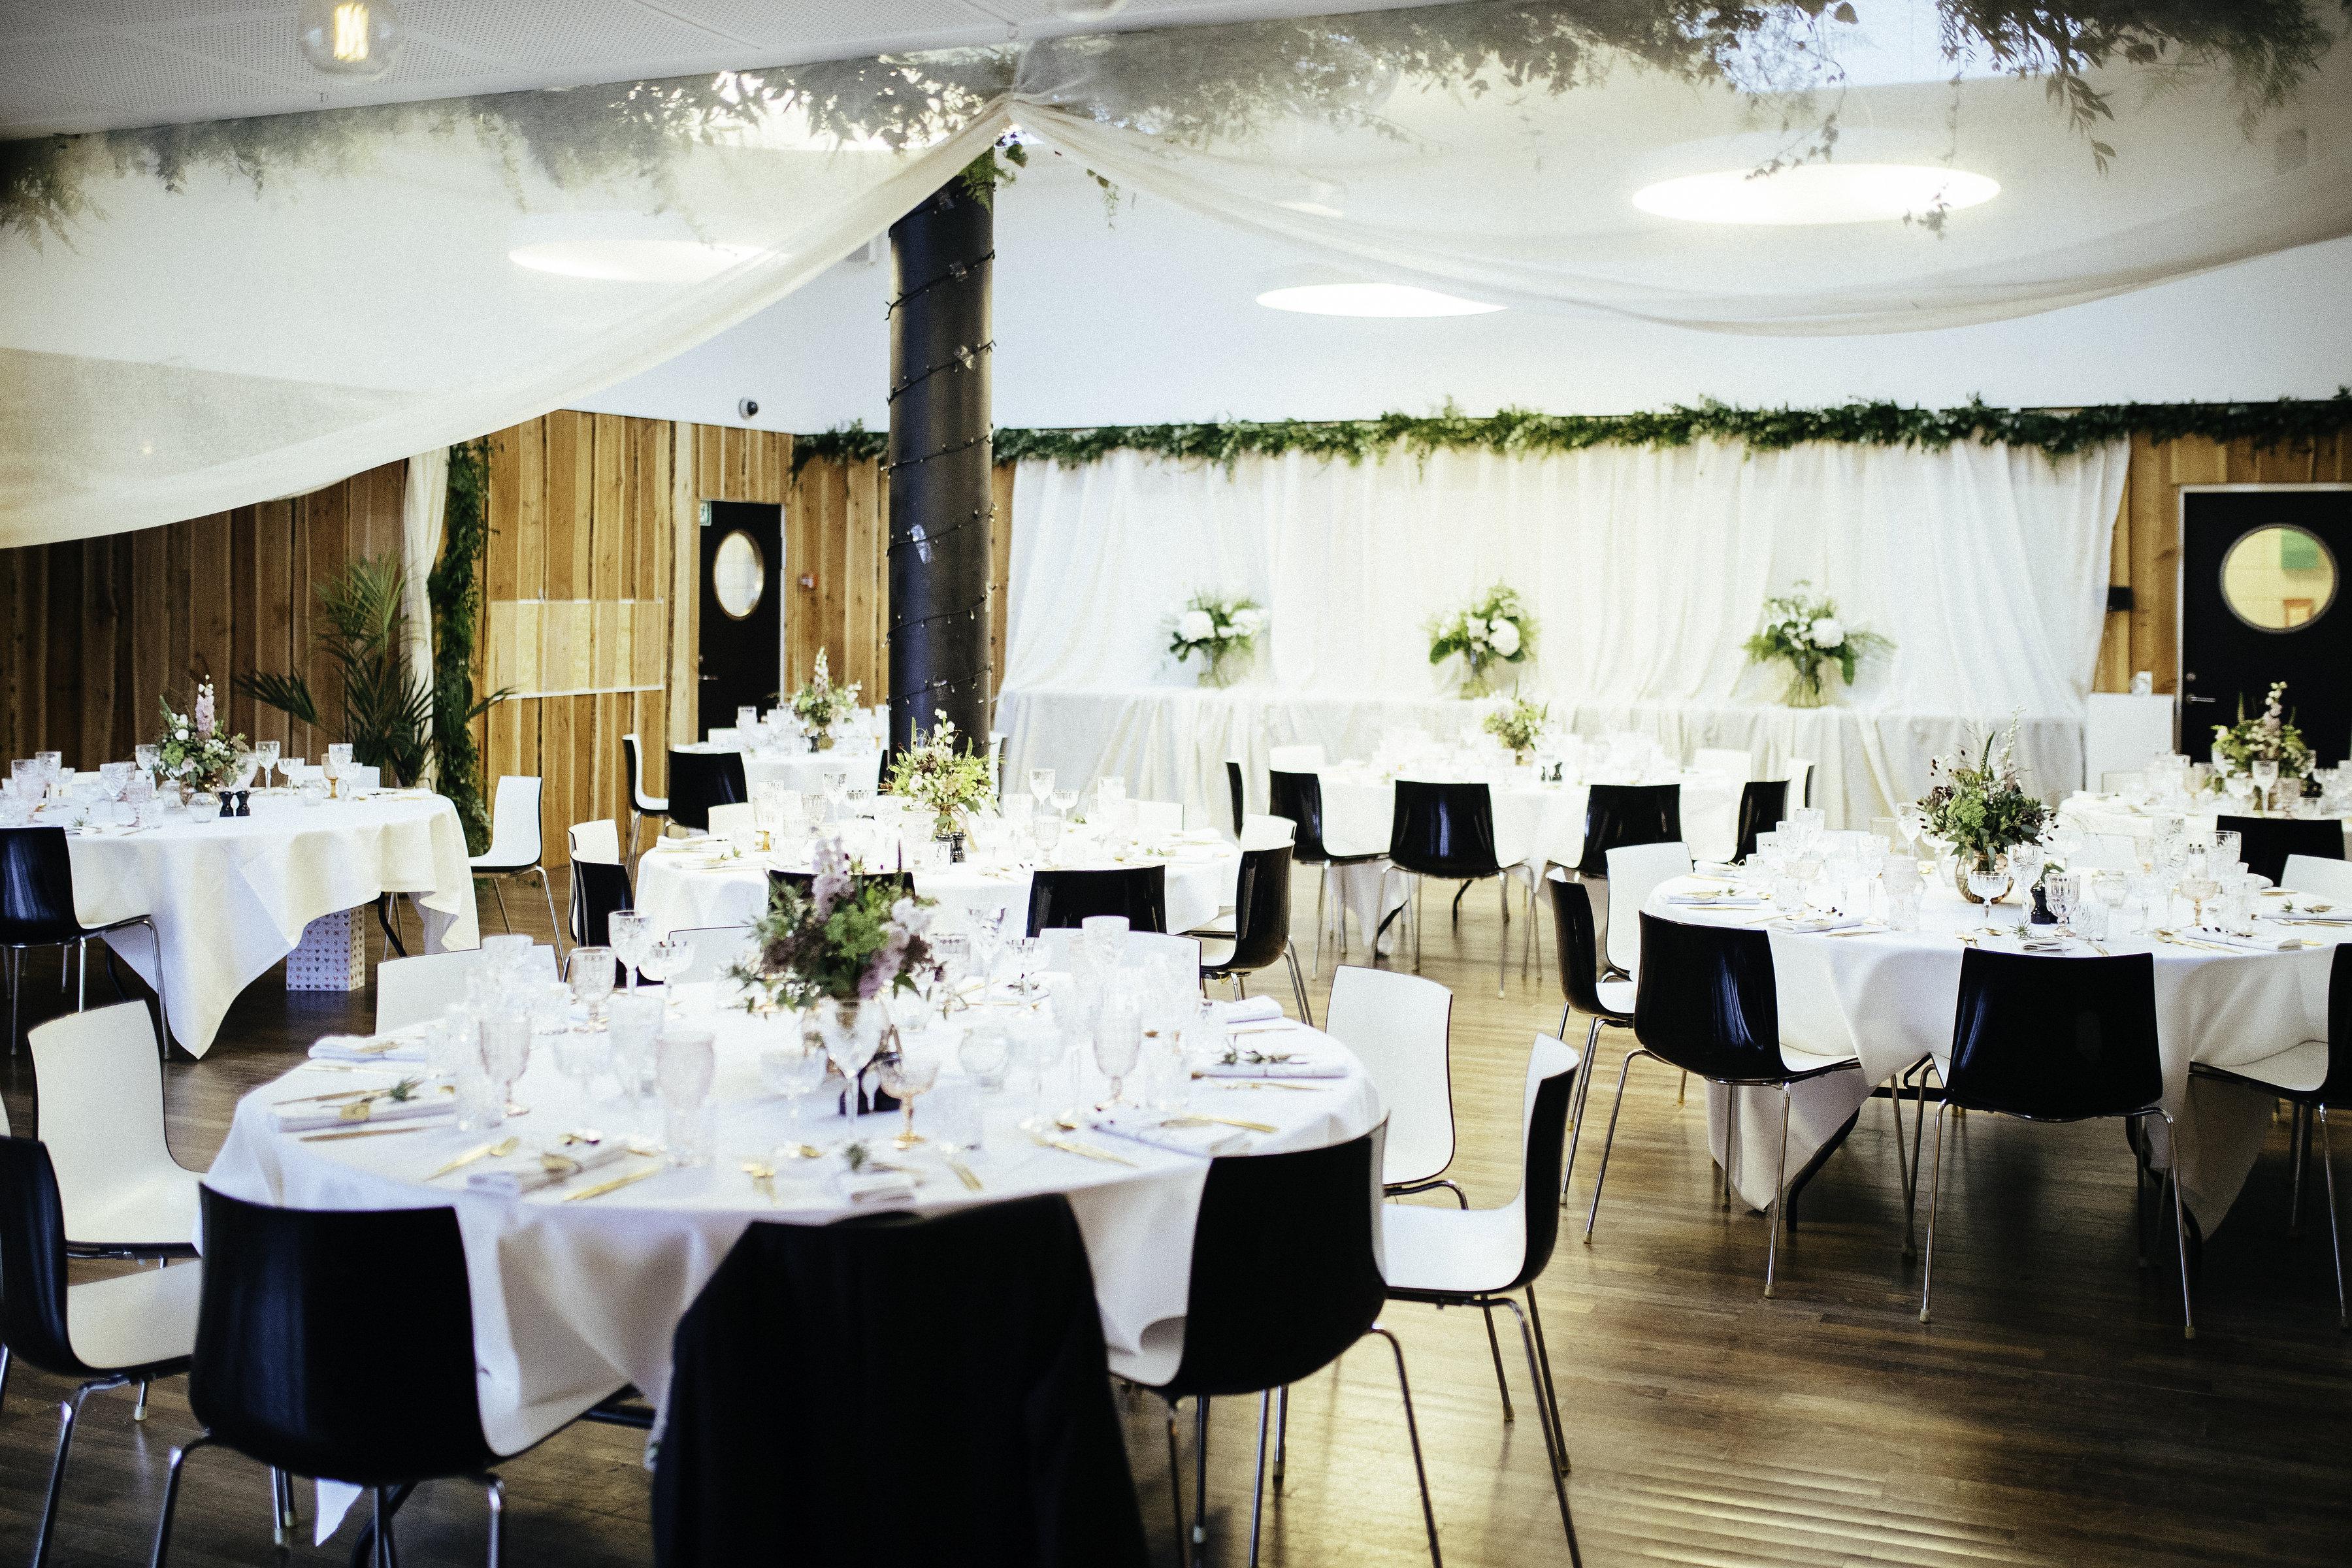 A table story_Serviceudlejning København_Leje af service_Leje af guldbestik_Soho kontorhotel